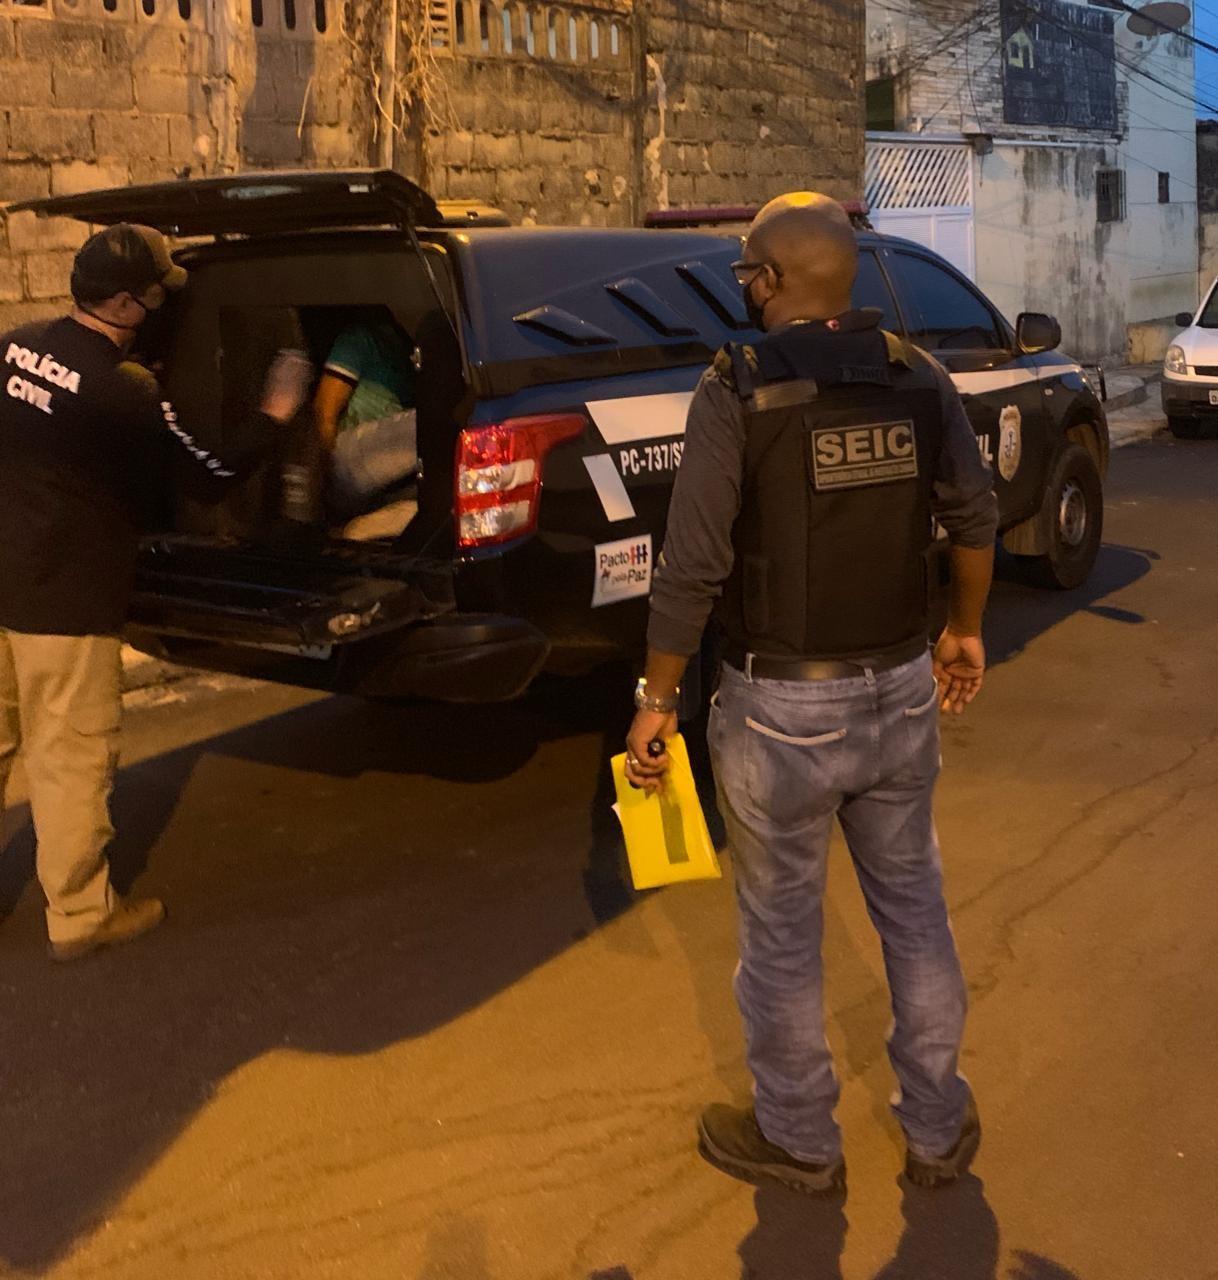 Polícia prende no Maranhão suspeito de participar de atentado contra delegado do Piauí